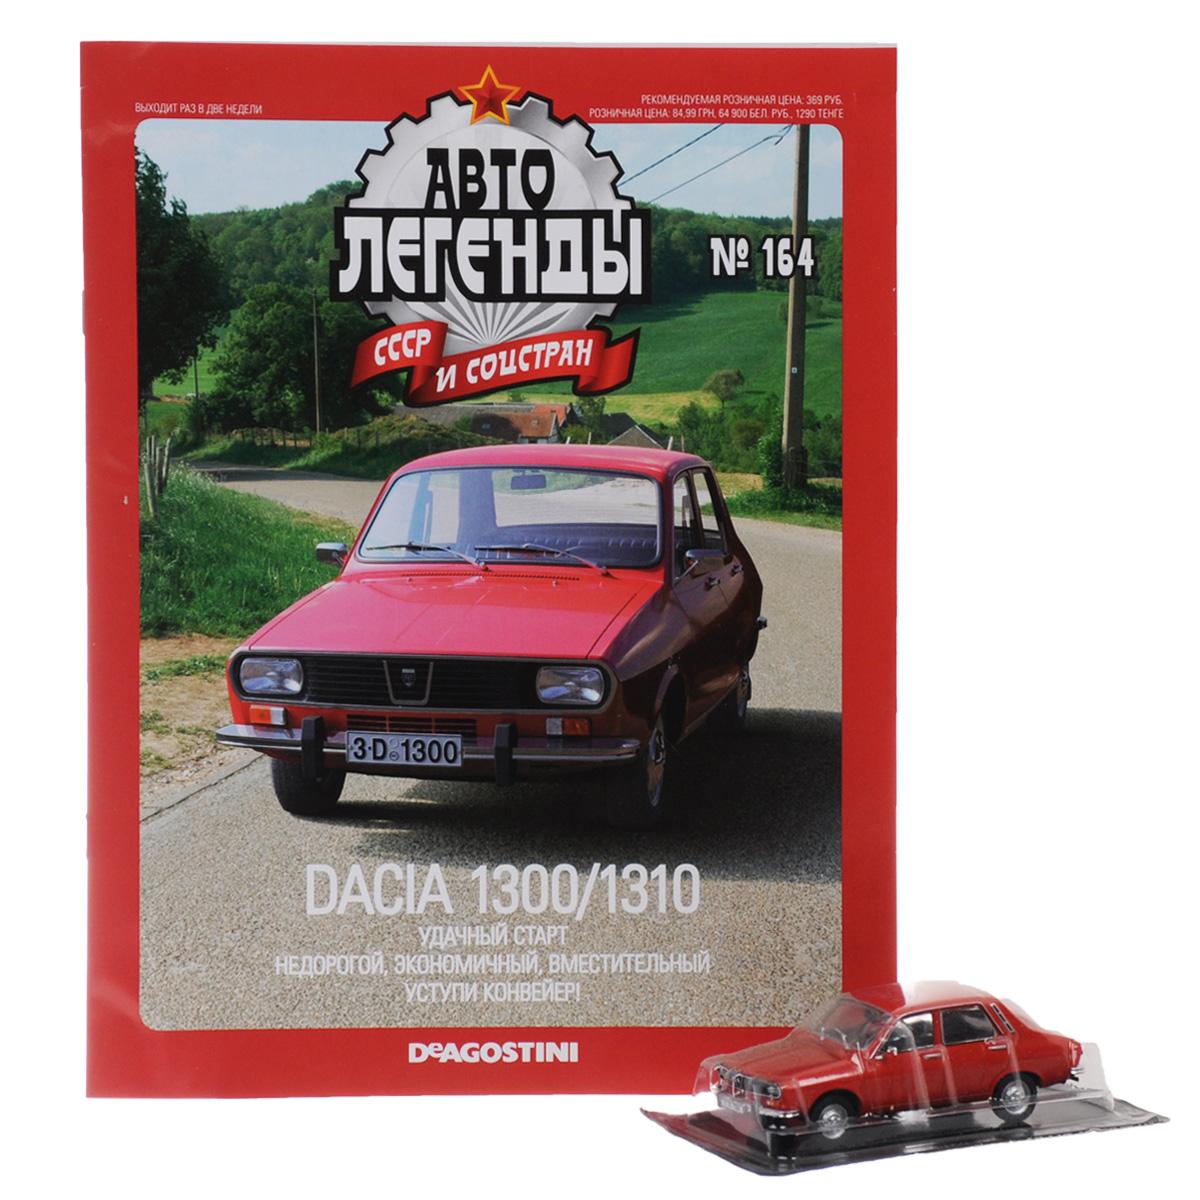 Журнал Авто легенды СССР №164RC164В данной серии вы познакомитесь с историей советского автомобилестроения, узнаете, как создавались отечественные машины. Многих героев издания теперь можно встретить только в музеях. Другие, несмотря на почтенный возраст, до сих пор исправно служат своим хозяевам. В журнале вы узнаете, как советские конструкторы создавали автомобили, тщательно изучая опыт зарубежных коллег, воплощая их наиболее удачные находки в своих детищах. А особые ценители смогут ознакомиться с подробными техническими характеристиками и биографией отдельных моделей и их создателей. С каждым номером все читатели журнала Автолегенды СССР получают миниатюрный автомобиль. Маленькие, но удивительно точные копии с оригинала помогут вам открыть для себя увлекательный мир автомобилей в стиле ретро! В данный номер вошла модель автомобиля DACIA 1300. Размеры модели: 10 х 4 х 3,5 см. Категория 16+.